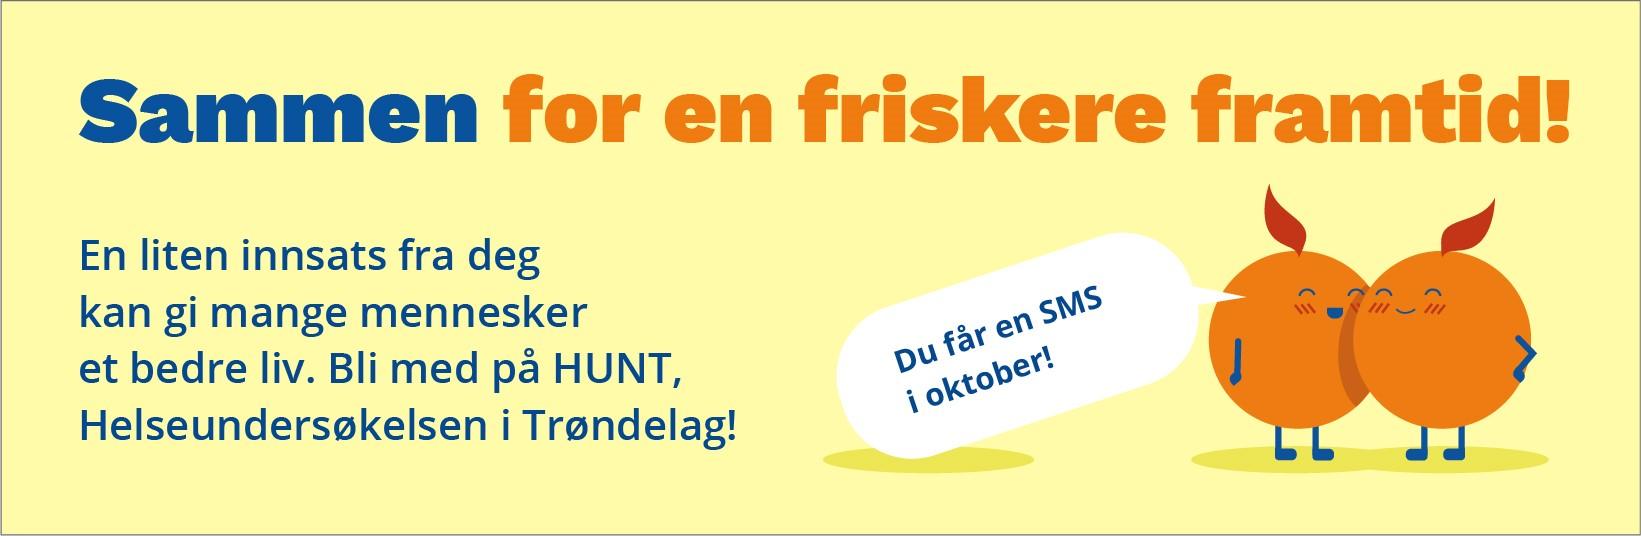 """Kampanjebanner for HUNT med teksten """"sammen for en friskere framtid"""", """"En liten innsats fra deg kan gi mange mennesker et bedre liv. Bli med på HUNT, Helseundersøkelsen i Trøndelag!"""" og """"Du får en SMS i oktober"""""""